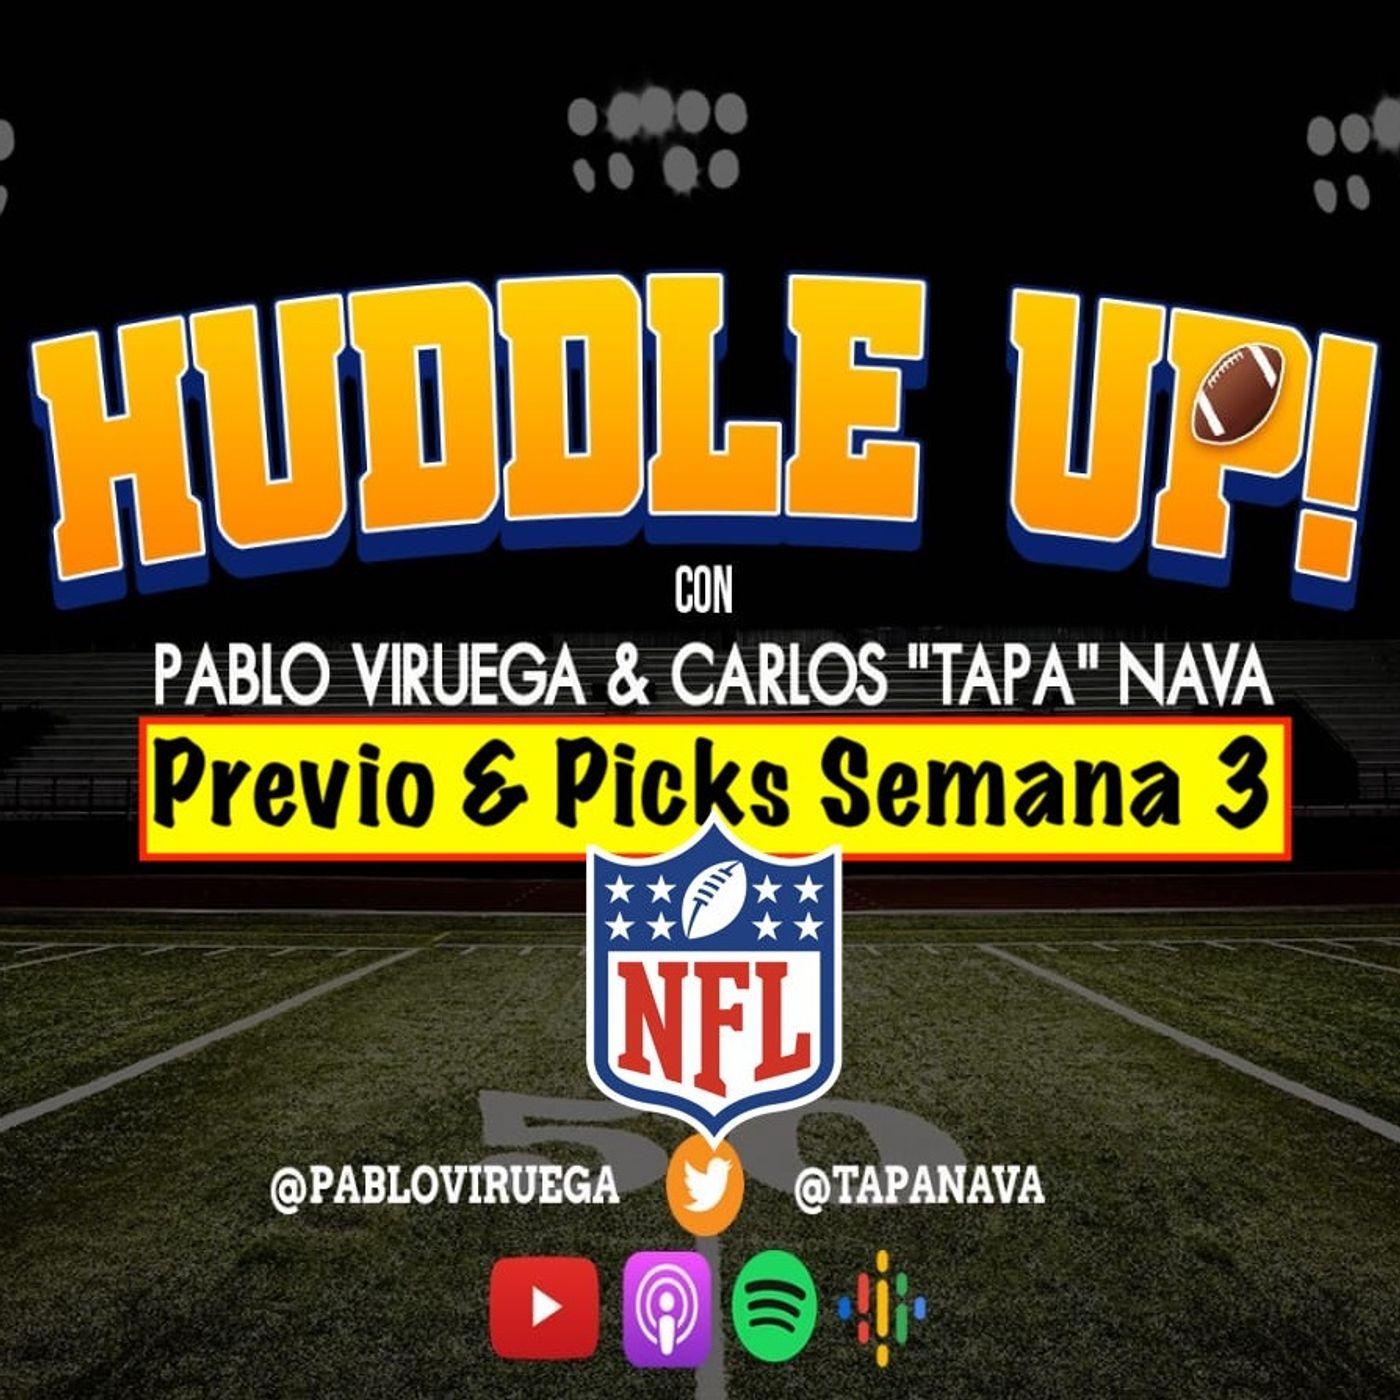 #HuddleUP Previo & Picks Semana 3 #NFL @TapaNava y @PabloViruega